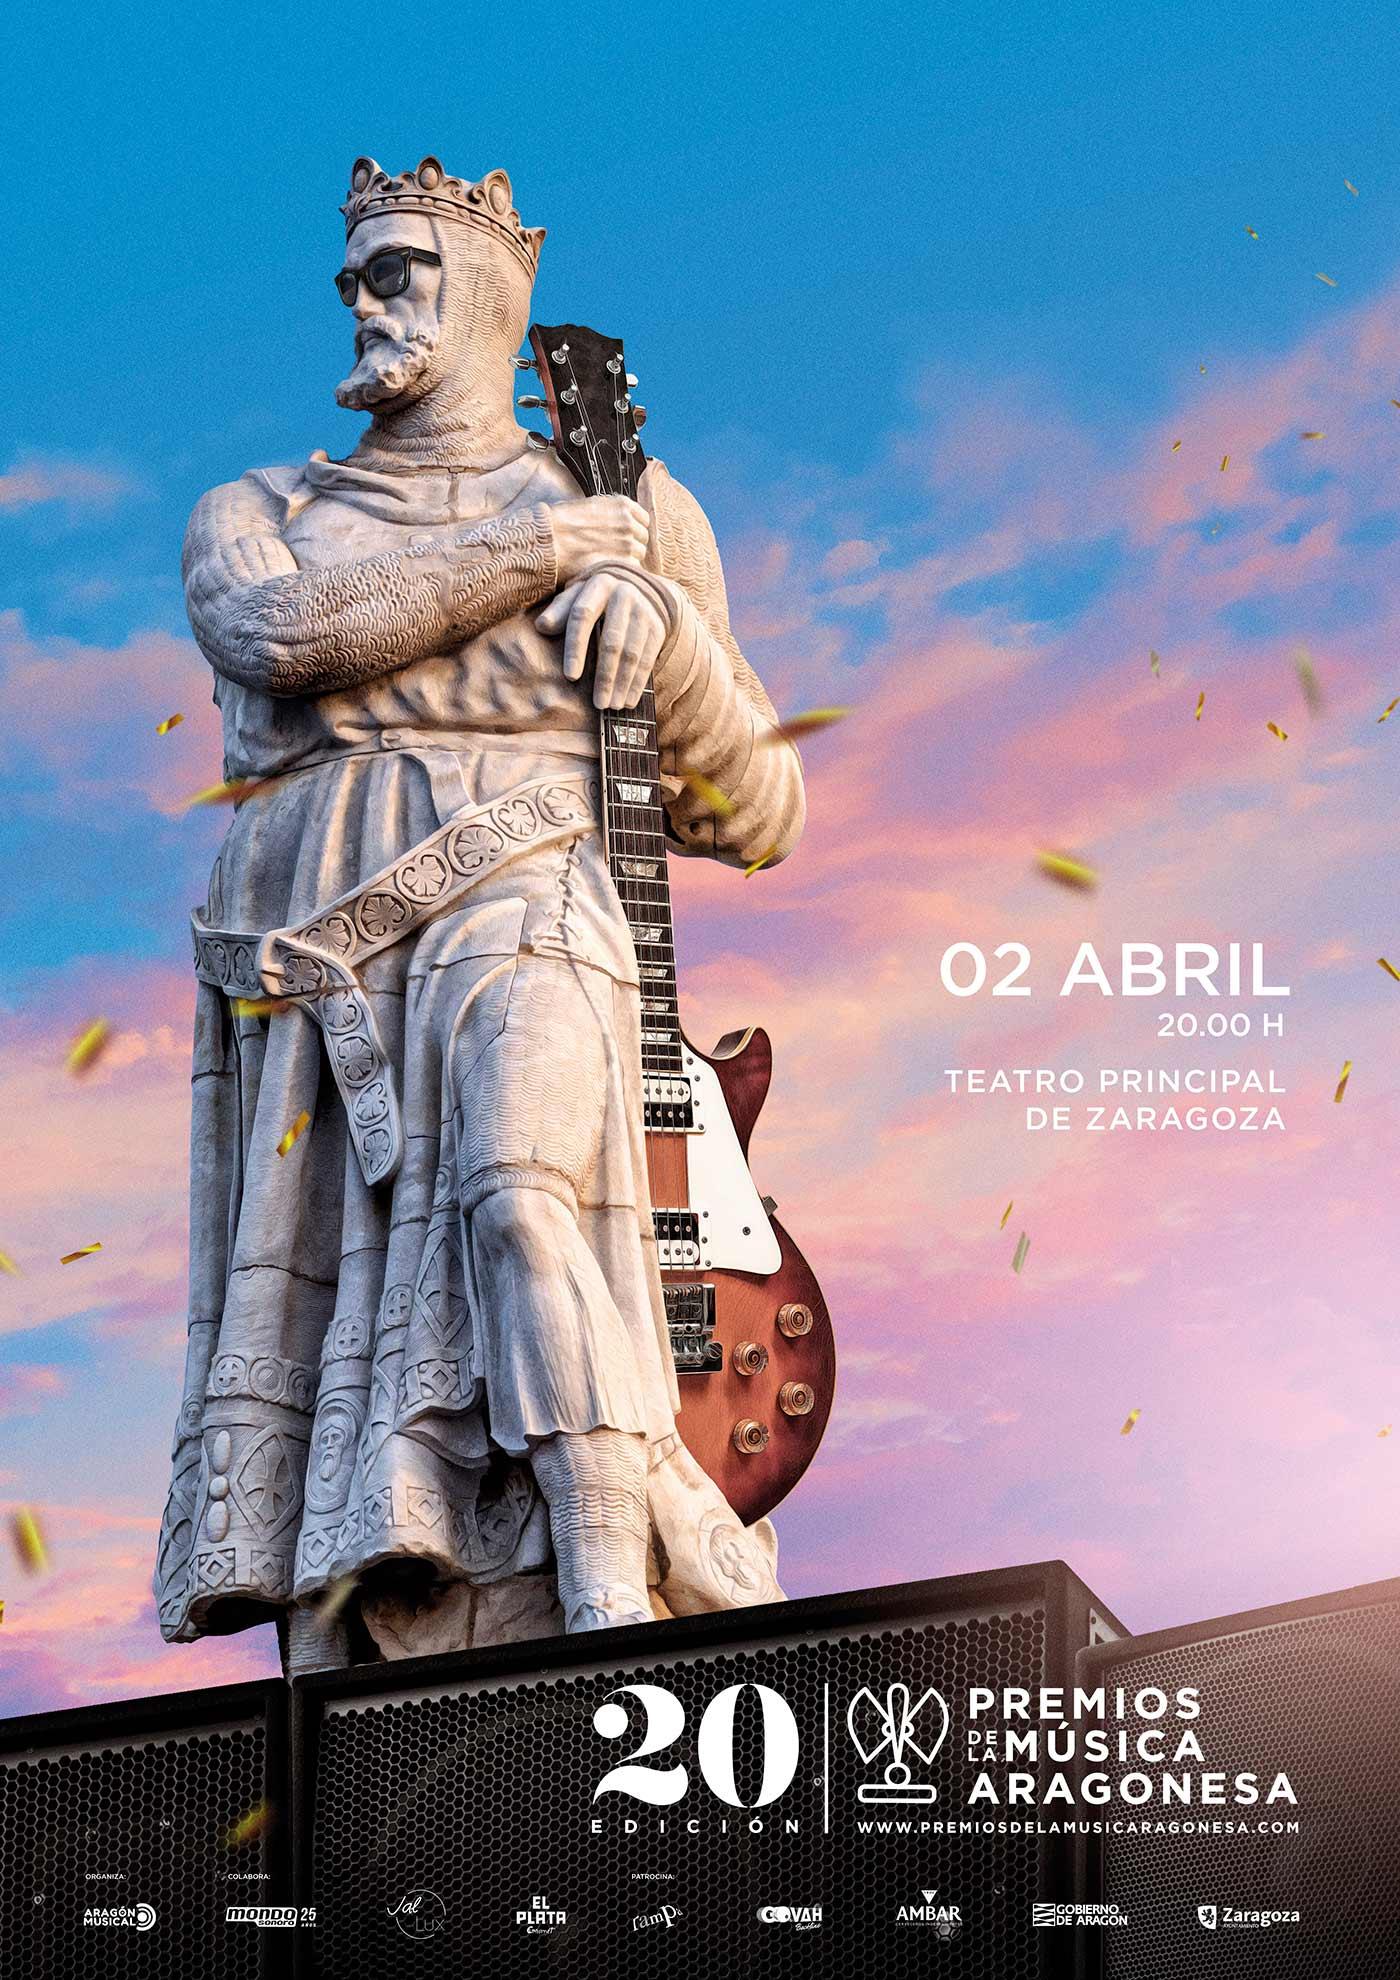 Cartel de los XX Premios de la Música Aragonesa.